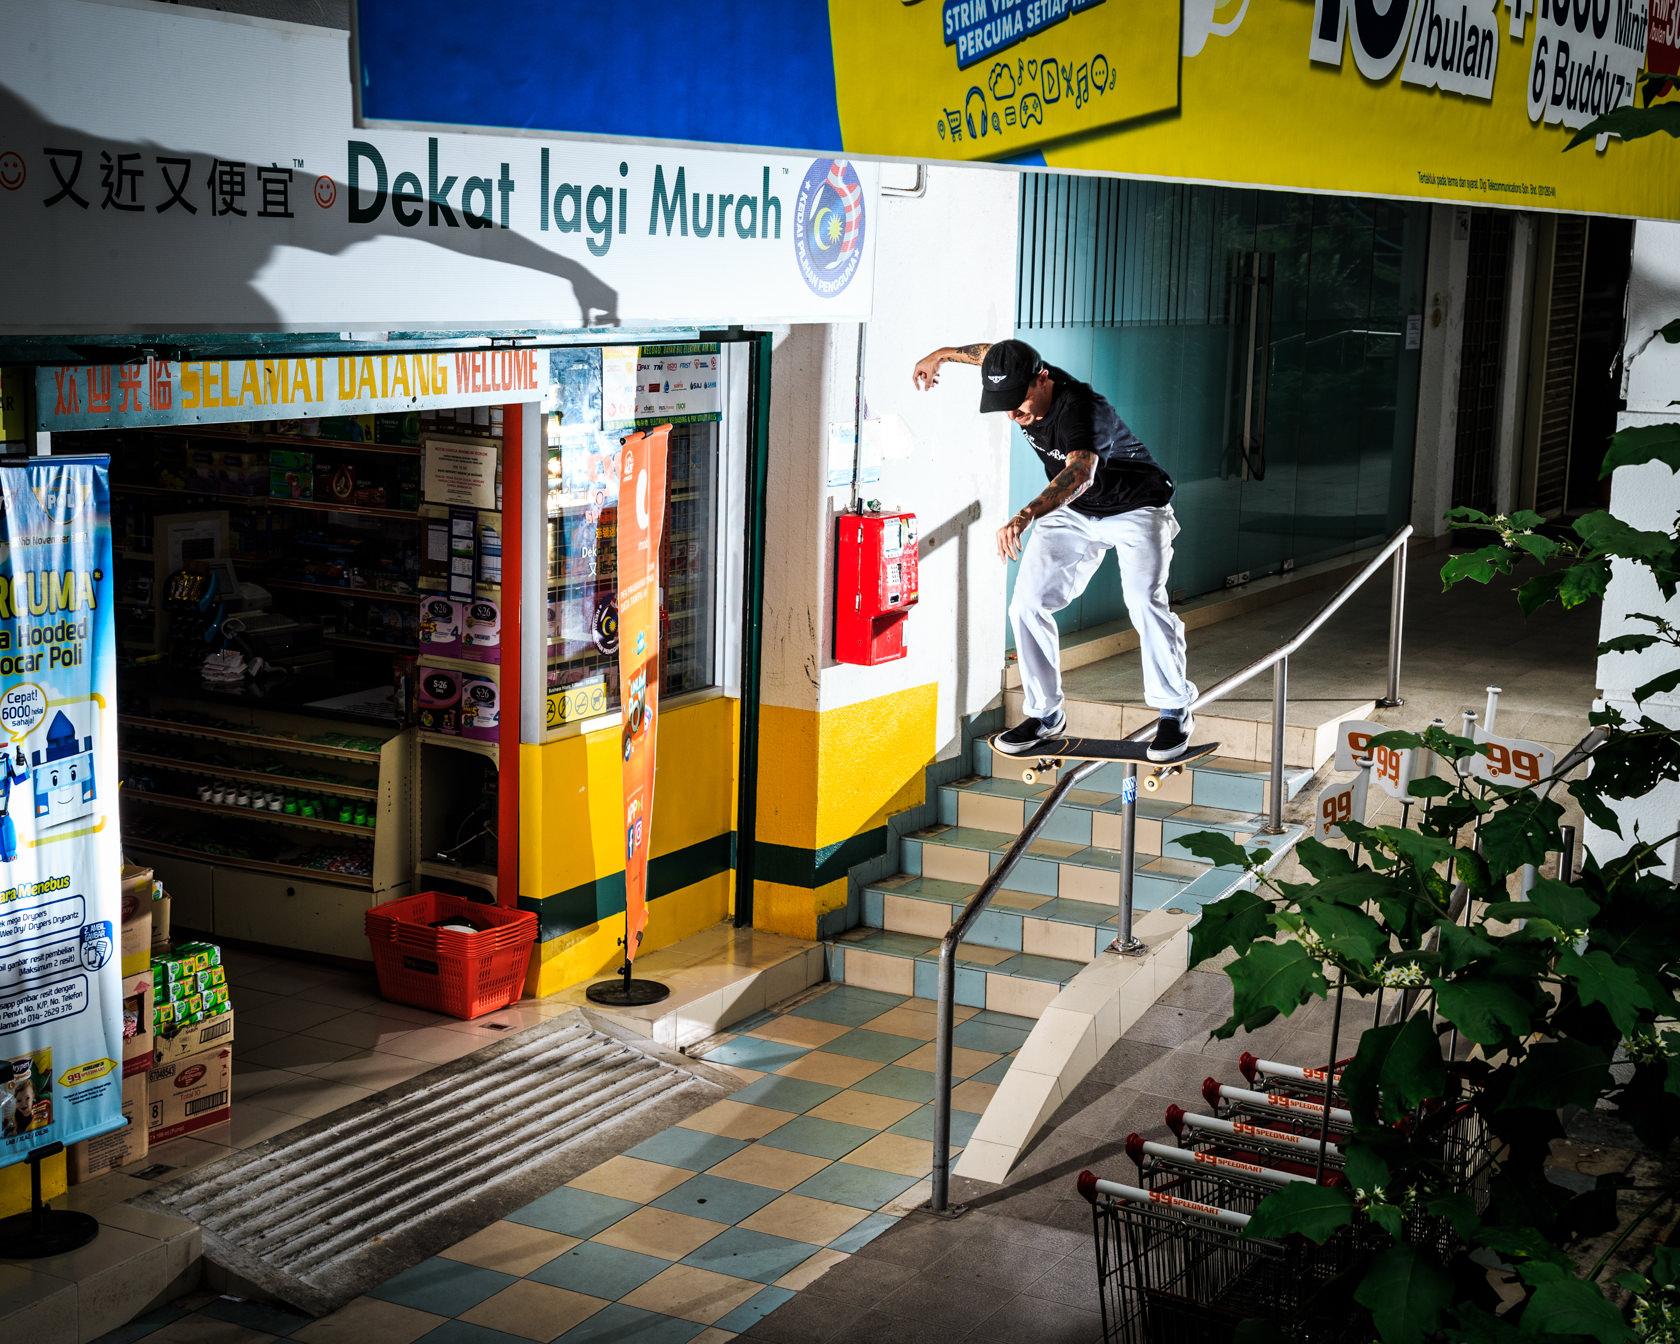 VANS_新加坡&马来西亚TOUR126171126-2.jpg